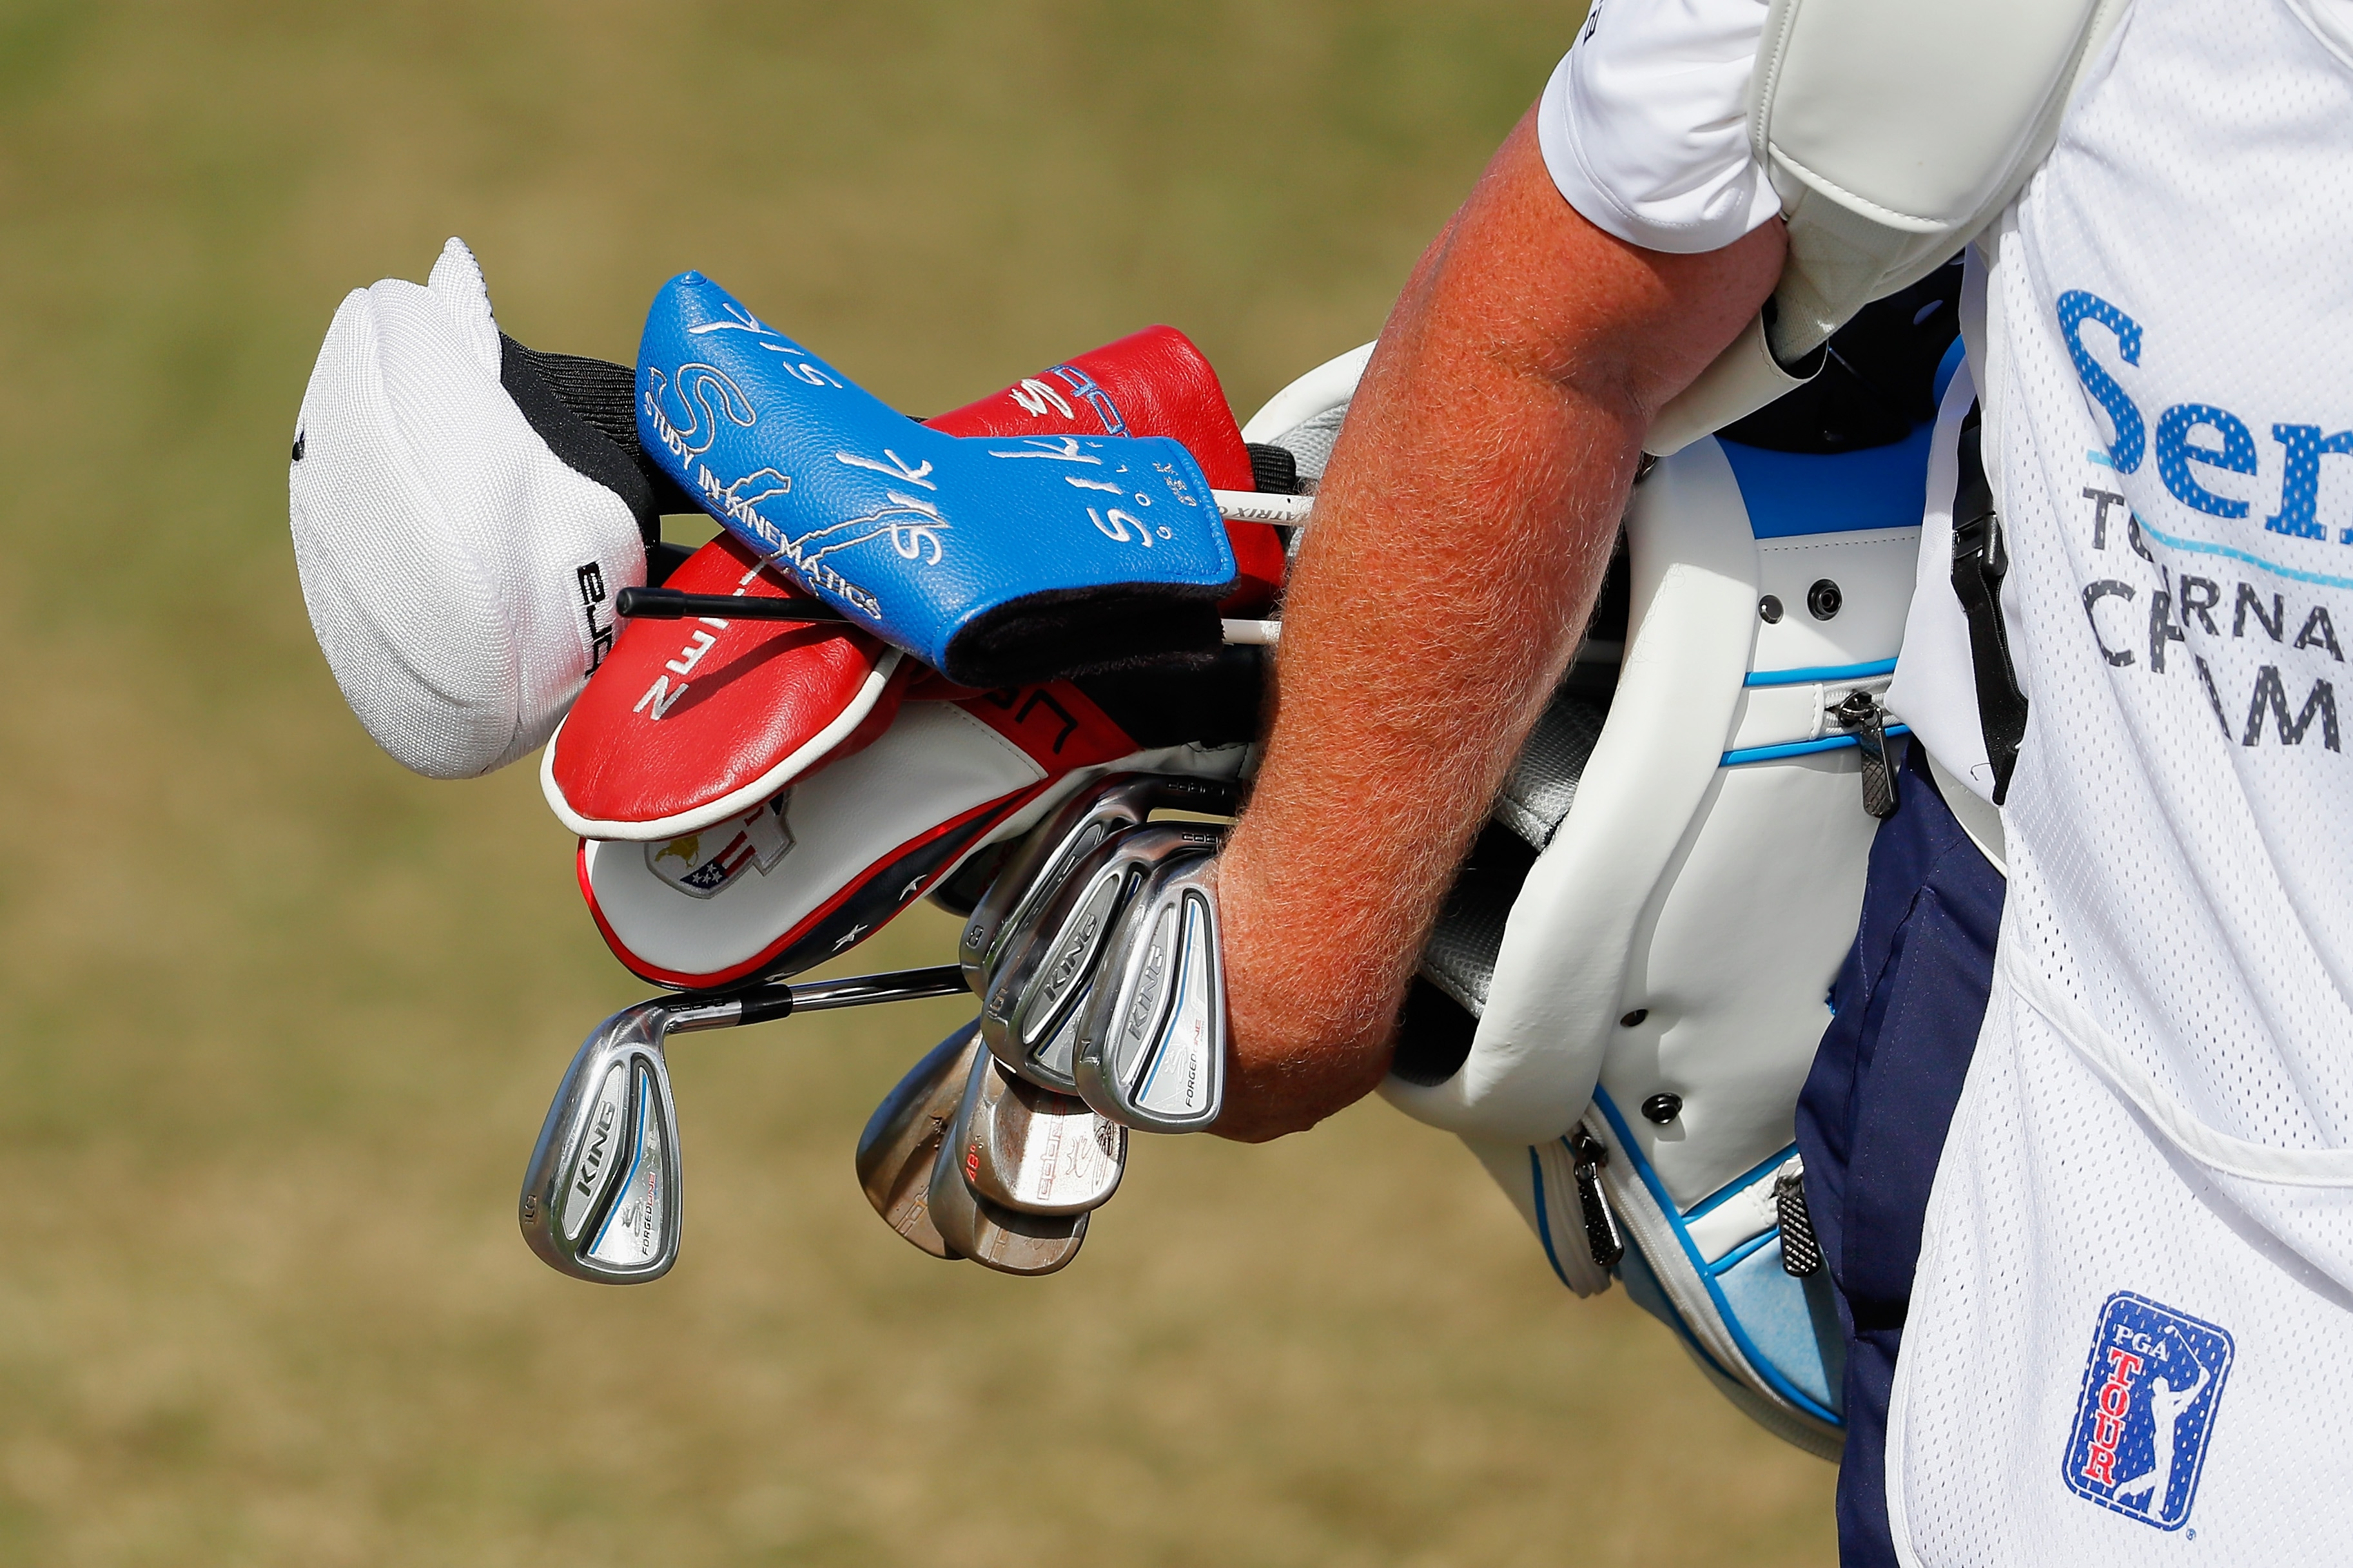 Bryson DeChambeau's golf bag